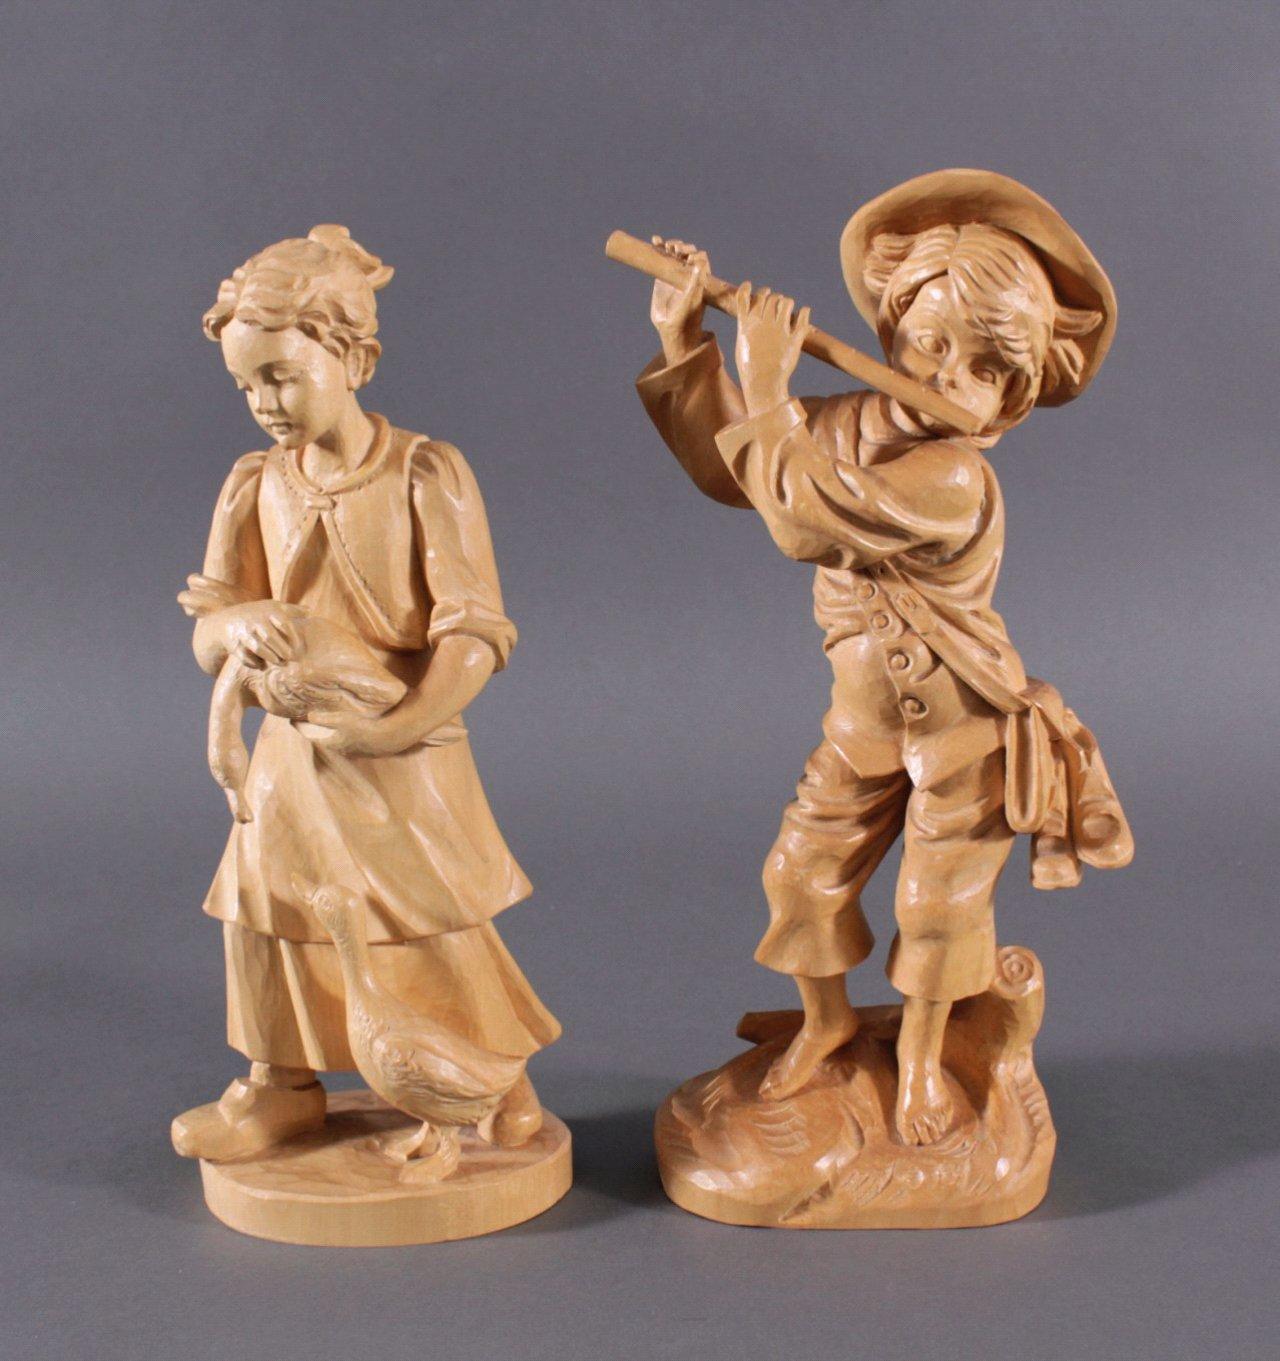 2 Holz-Skulpturen, Flötenspieler und Gänseliesel